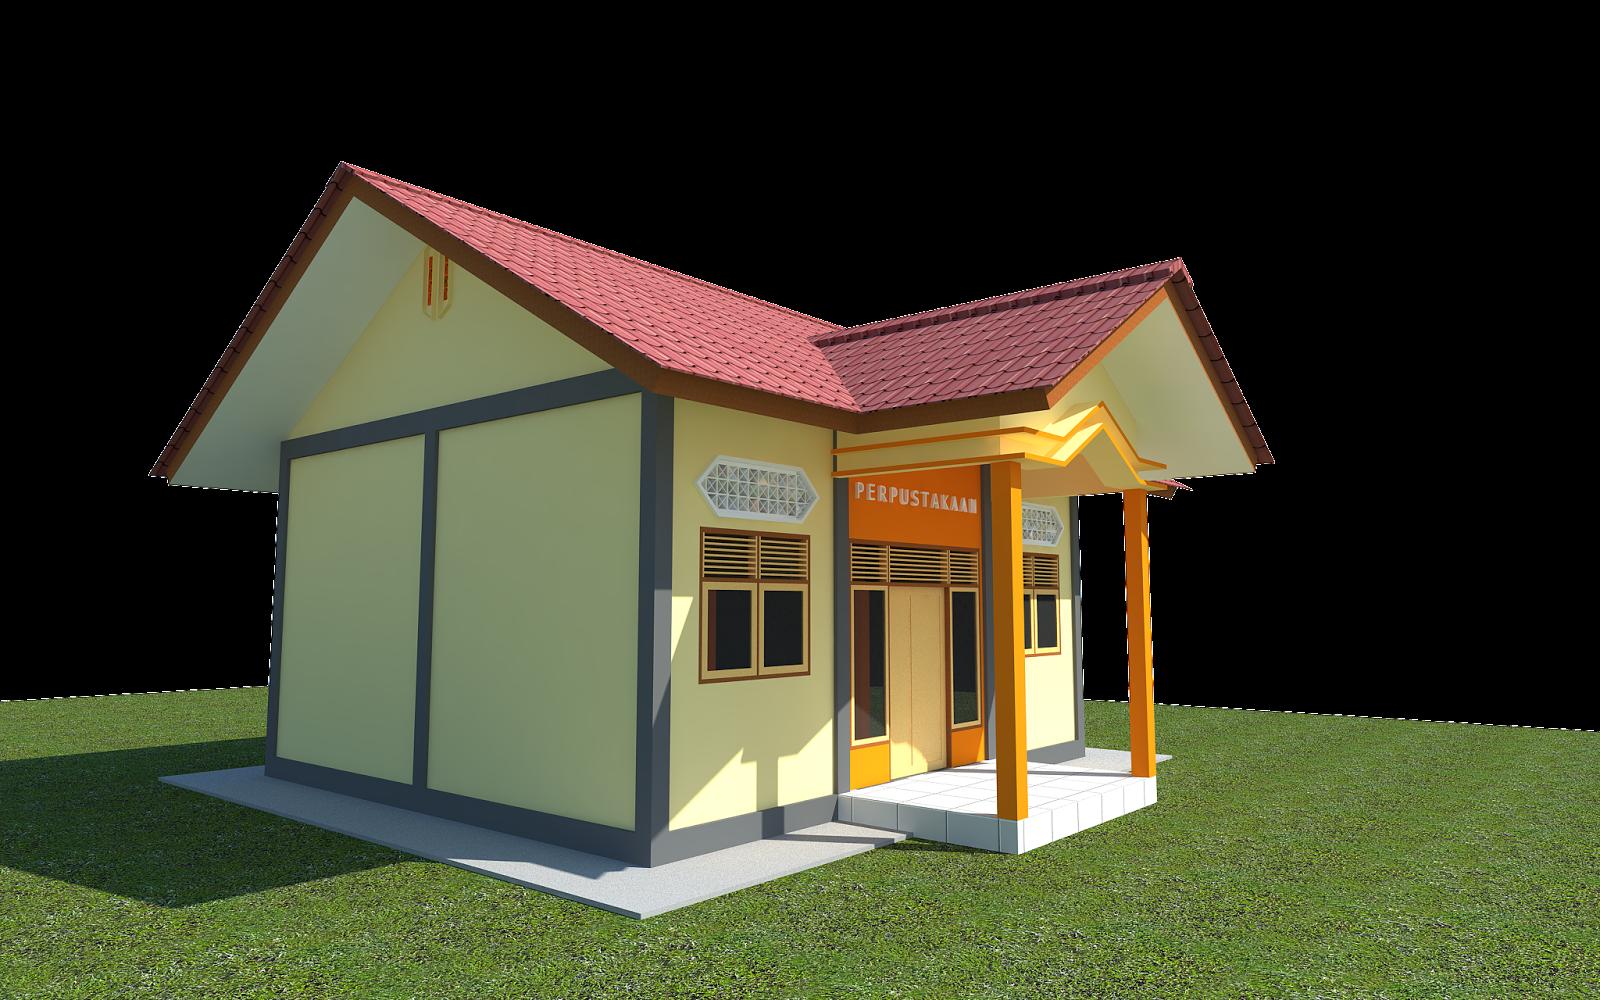 Silas Desain Desain Perpustakaan Sekolah Dasar Karya Silas